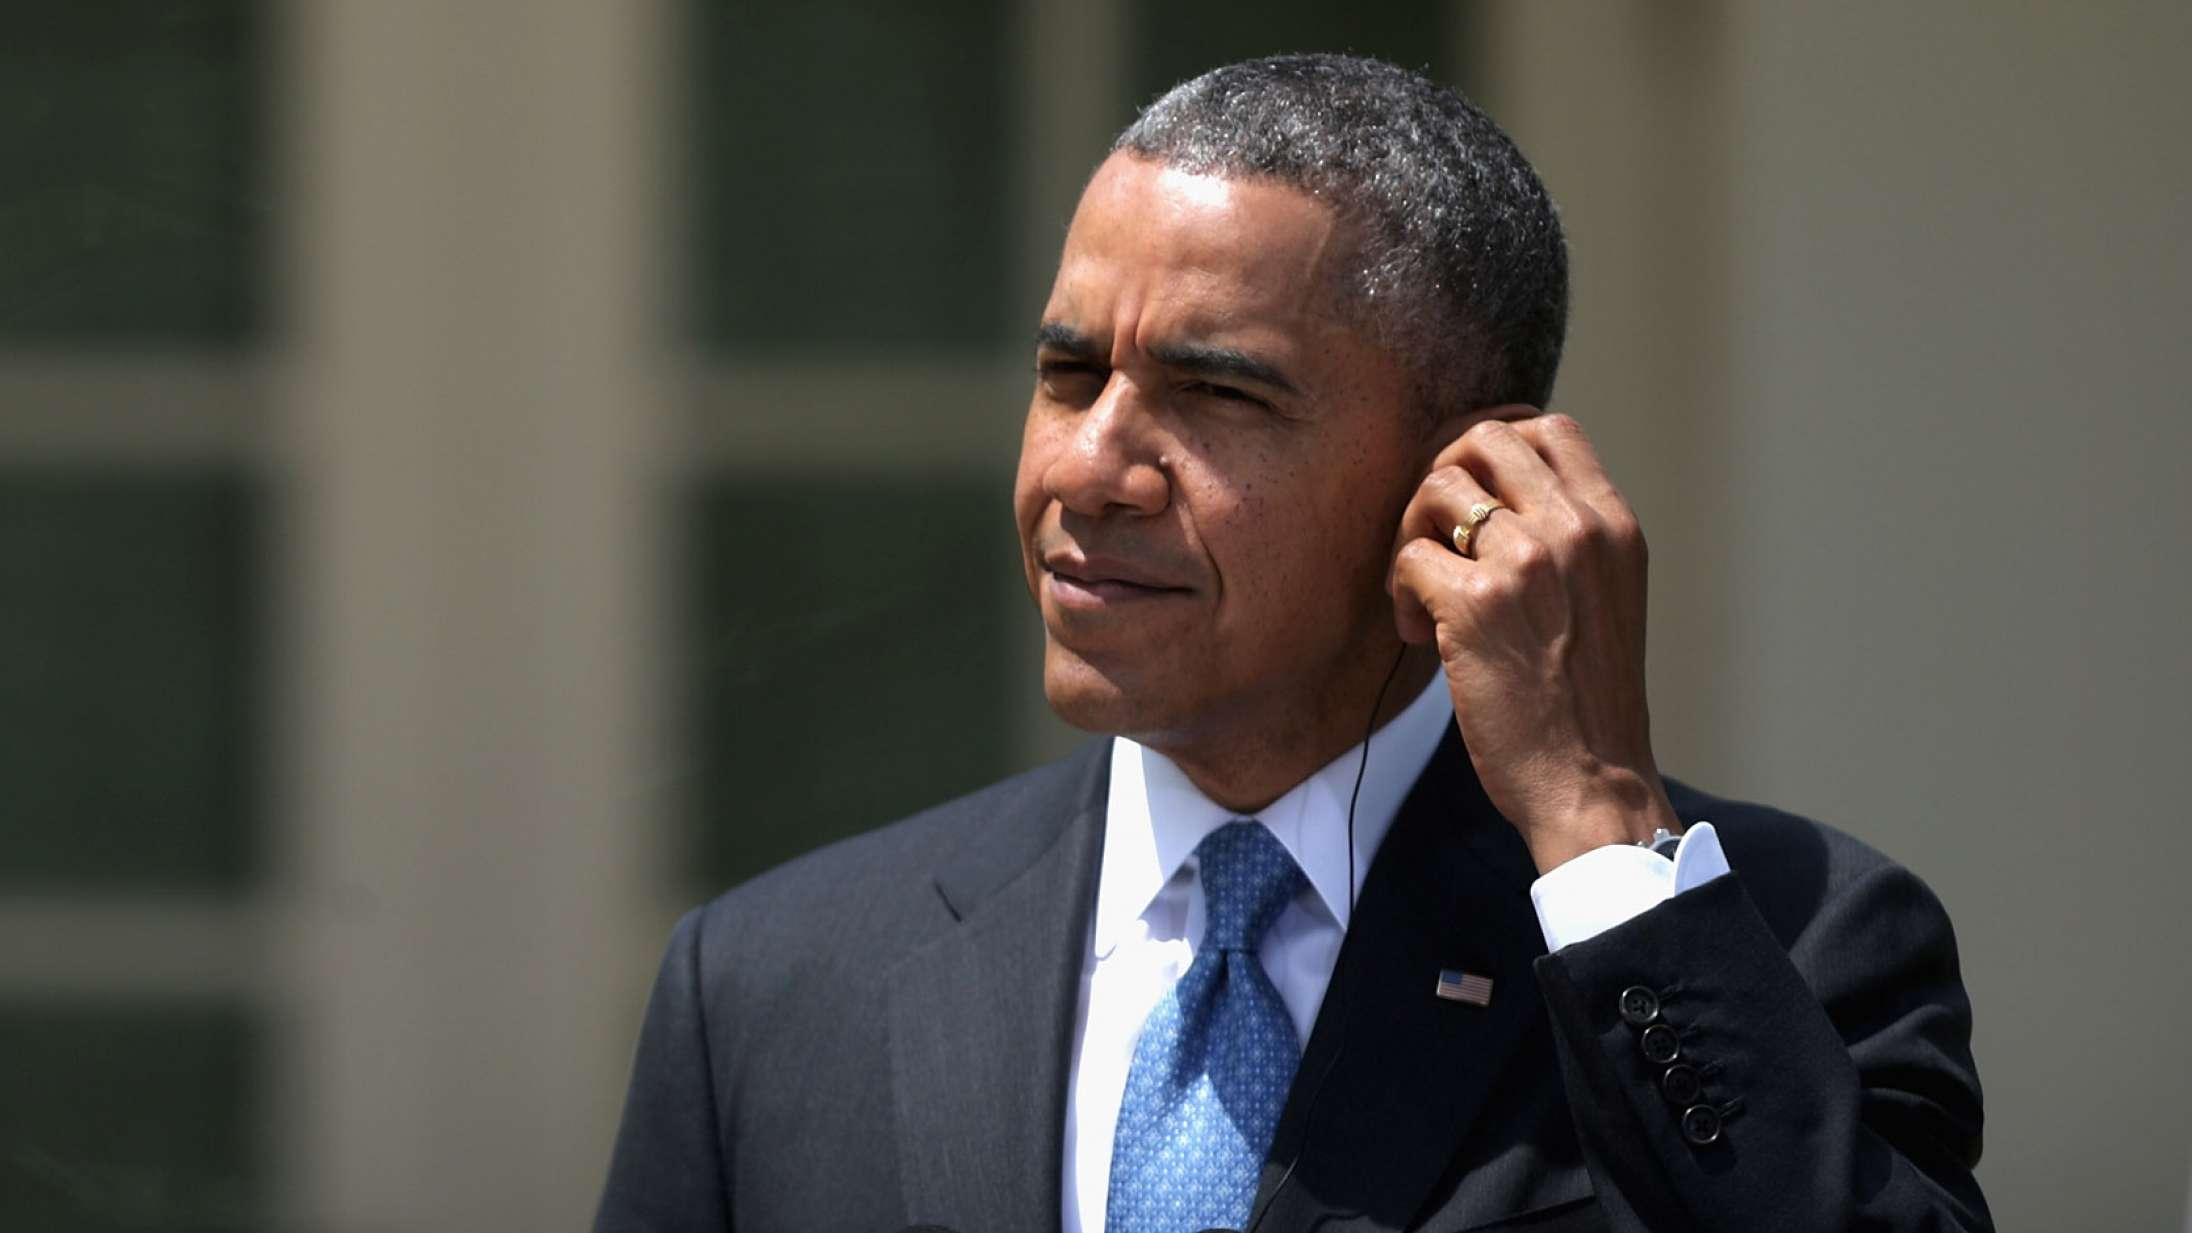 Barack Obama deler sin sommerplayliste – med alt fra Rihanna og Lil Baby til Bob Dylan og Stevie Wonder